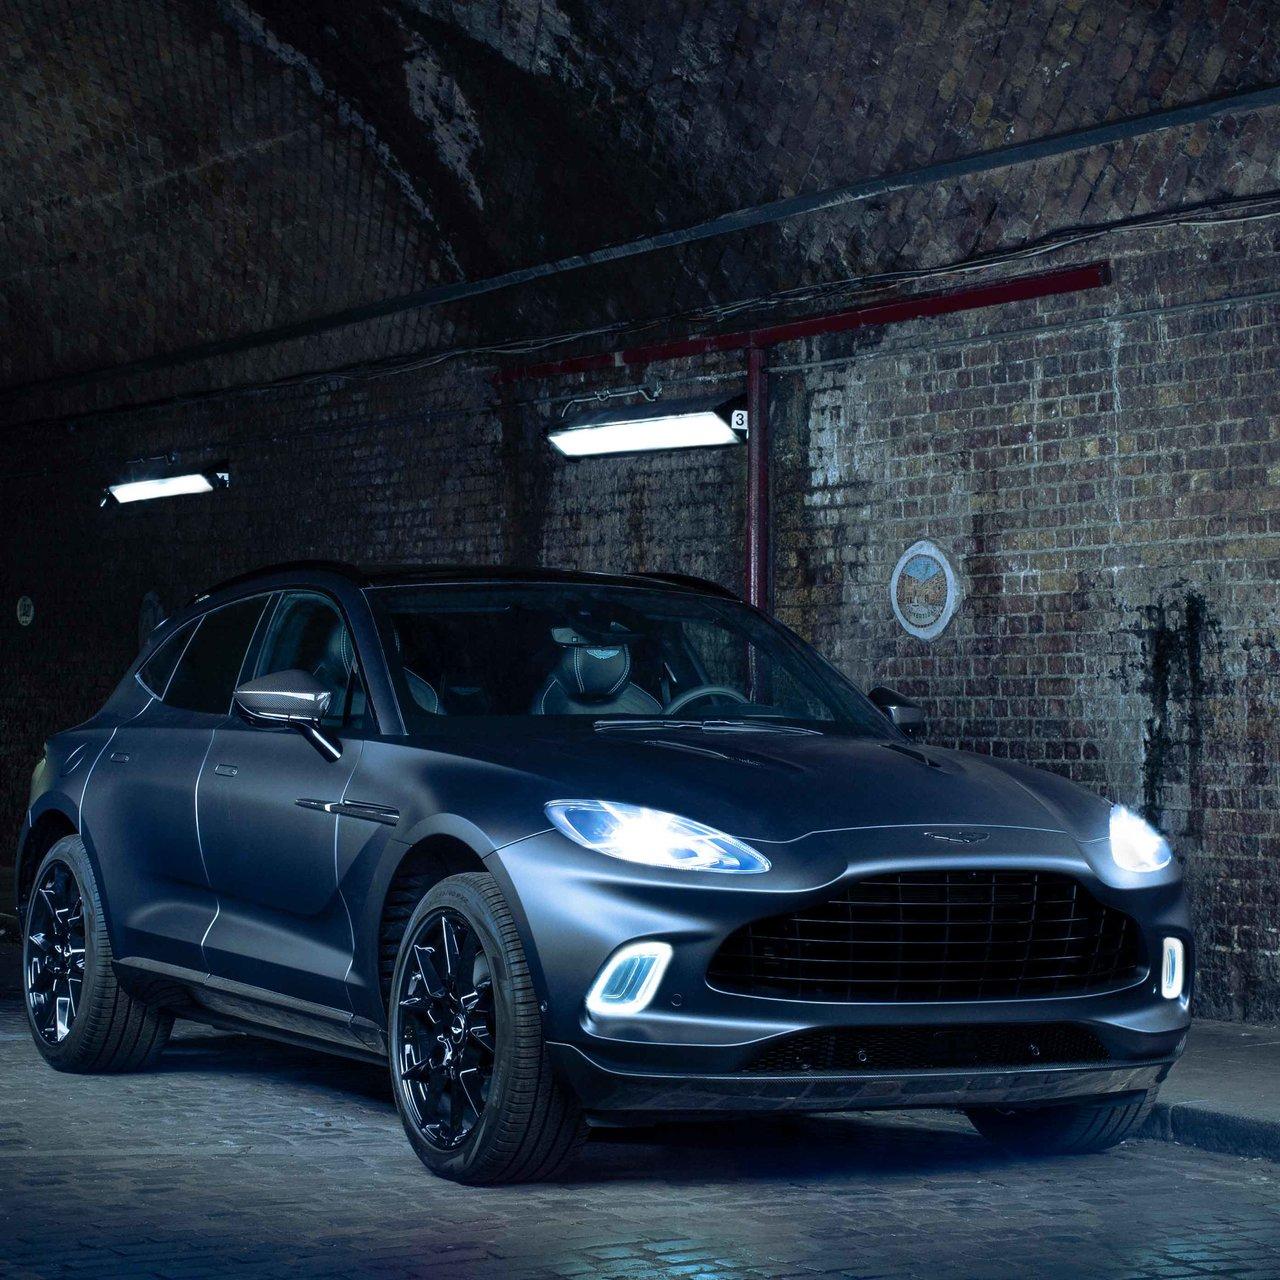 アストンマーティン、「Q by Aston Martin」がカスタマイズしたDBXをワールドプレミア|Aston Martin